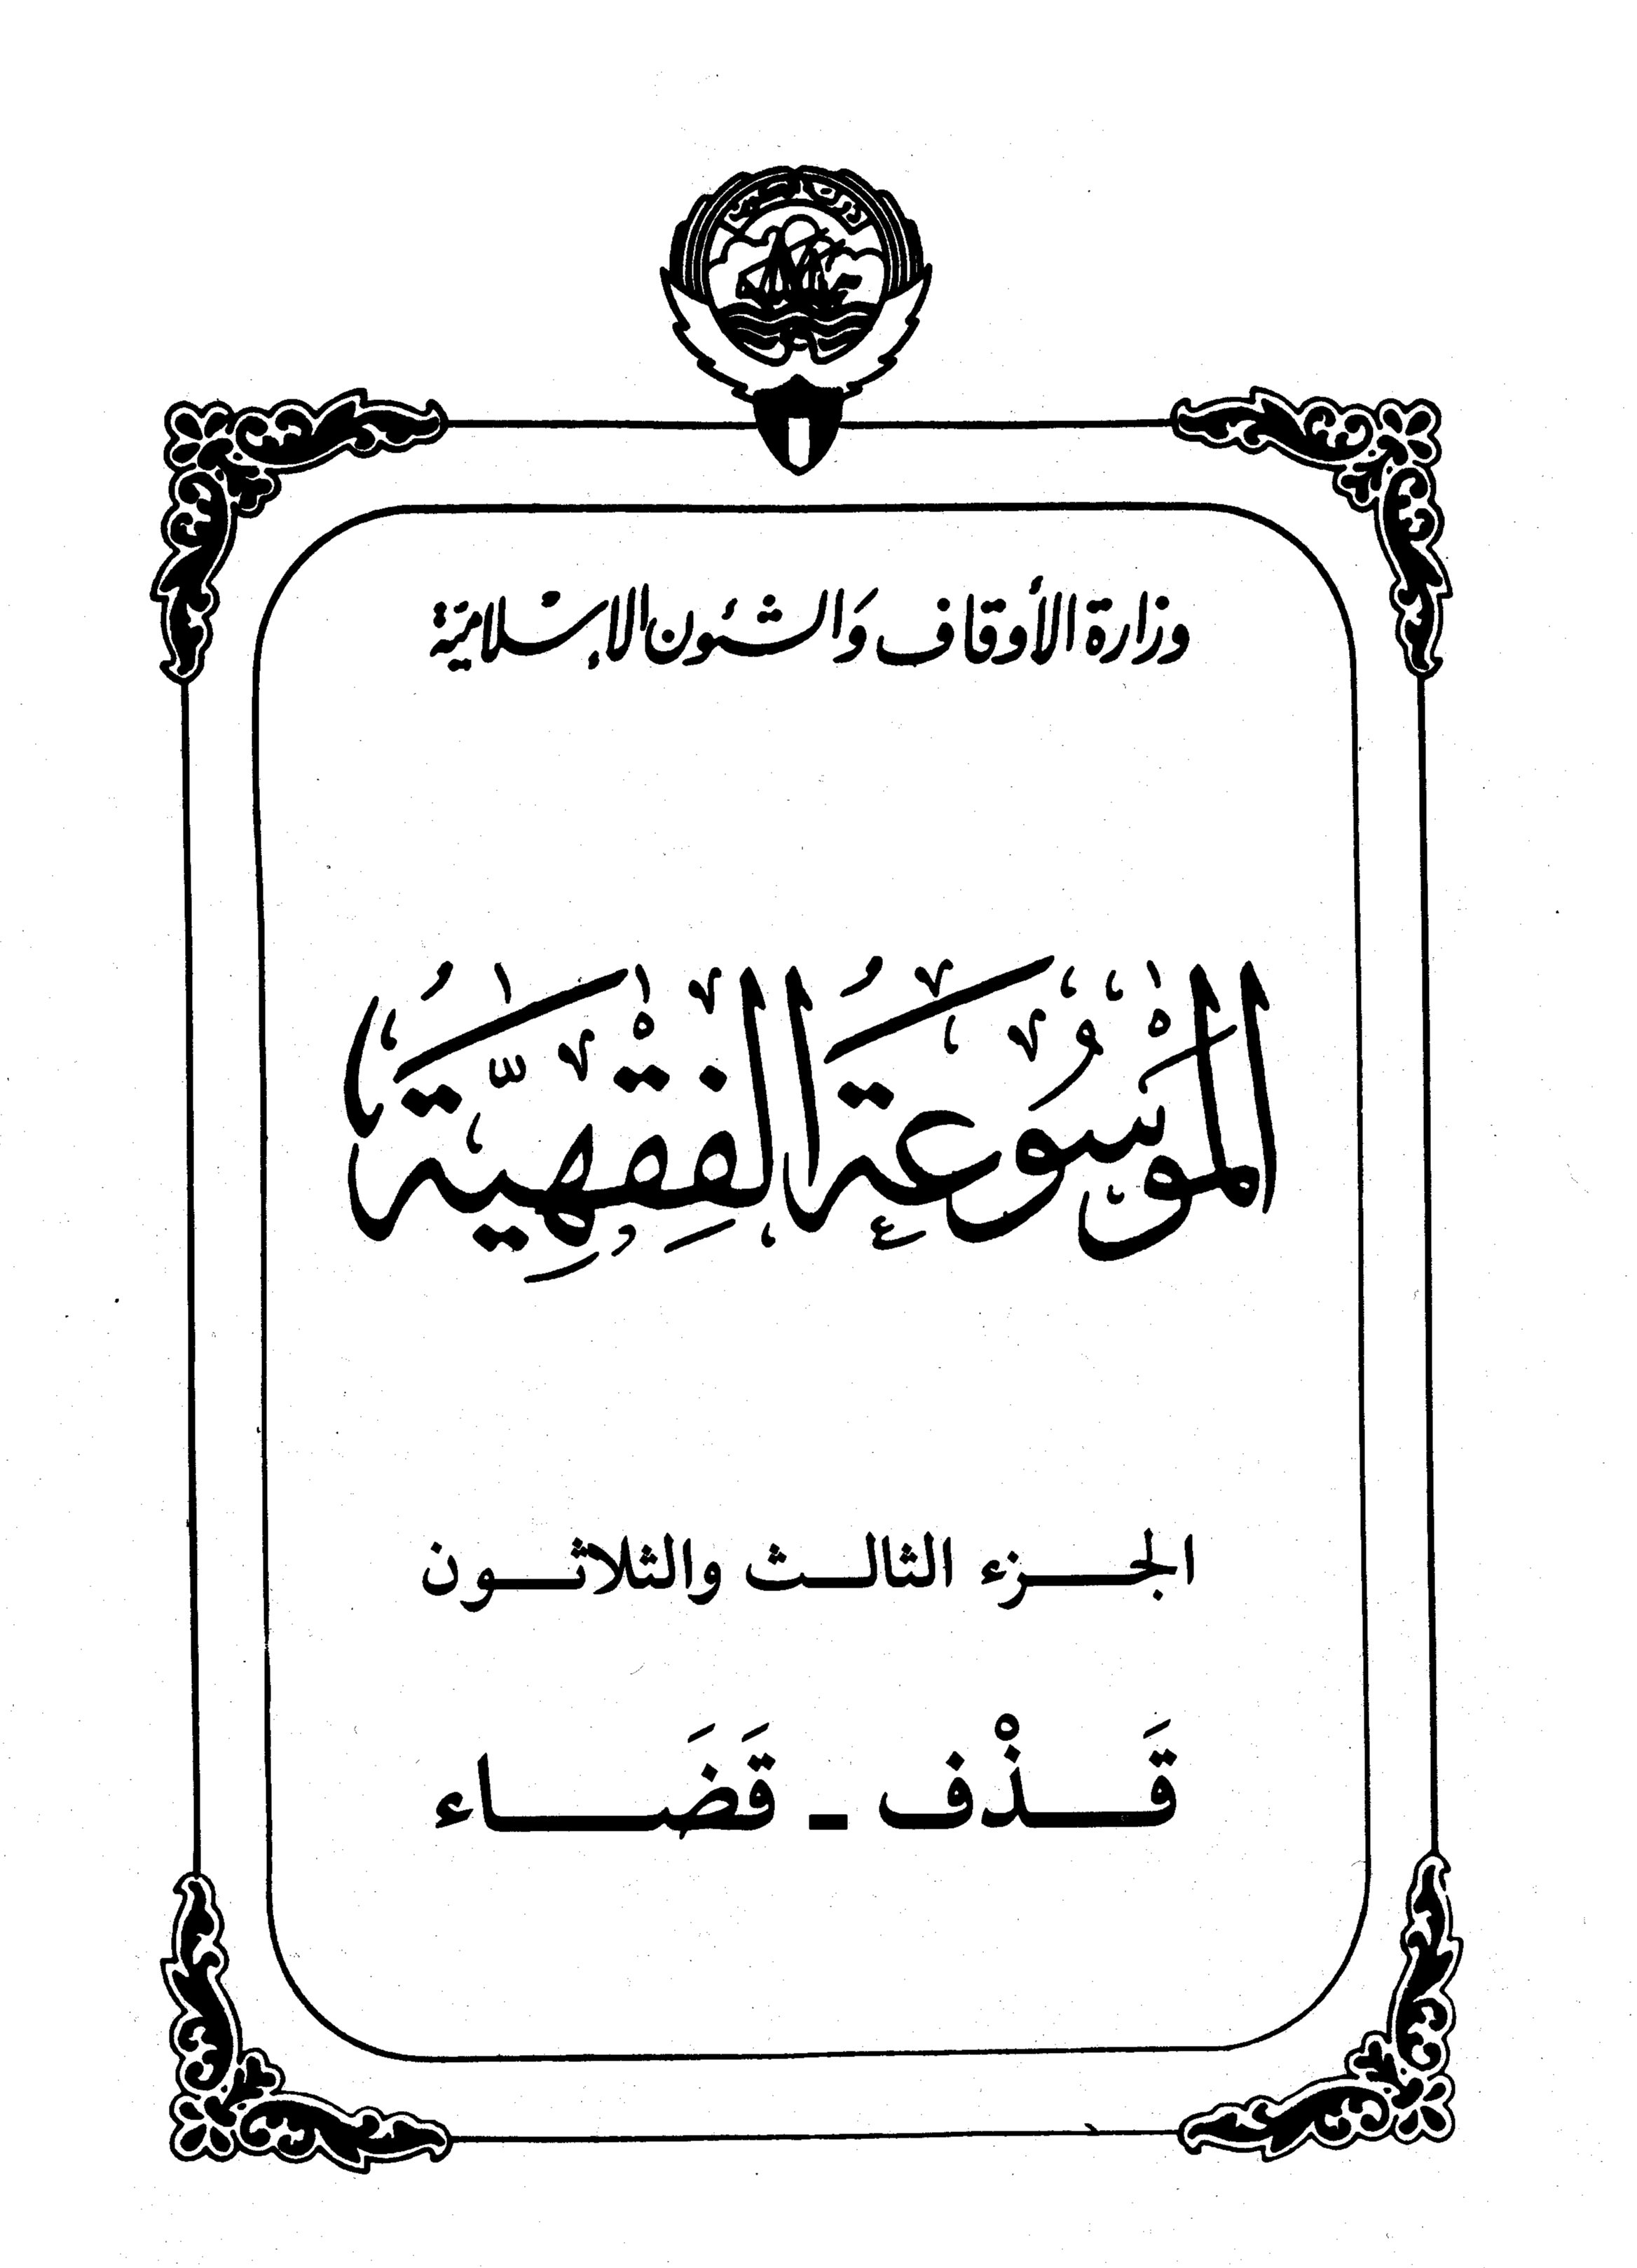 الموسوعة الفقهية الكويتية- الجزء الثالث والثلاثون (قذف - قضاء)